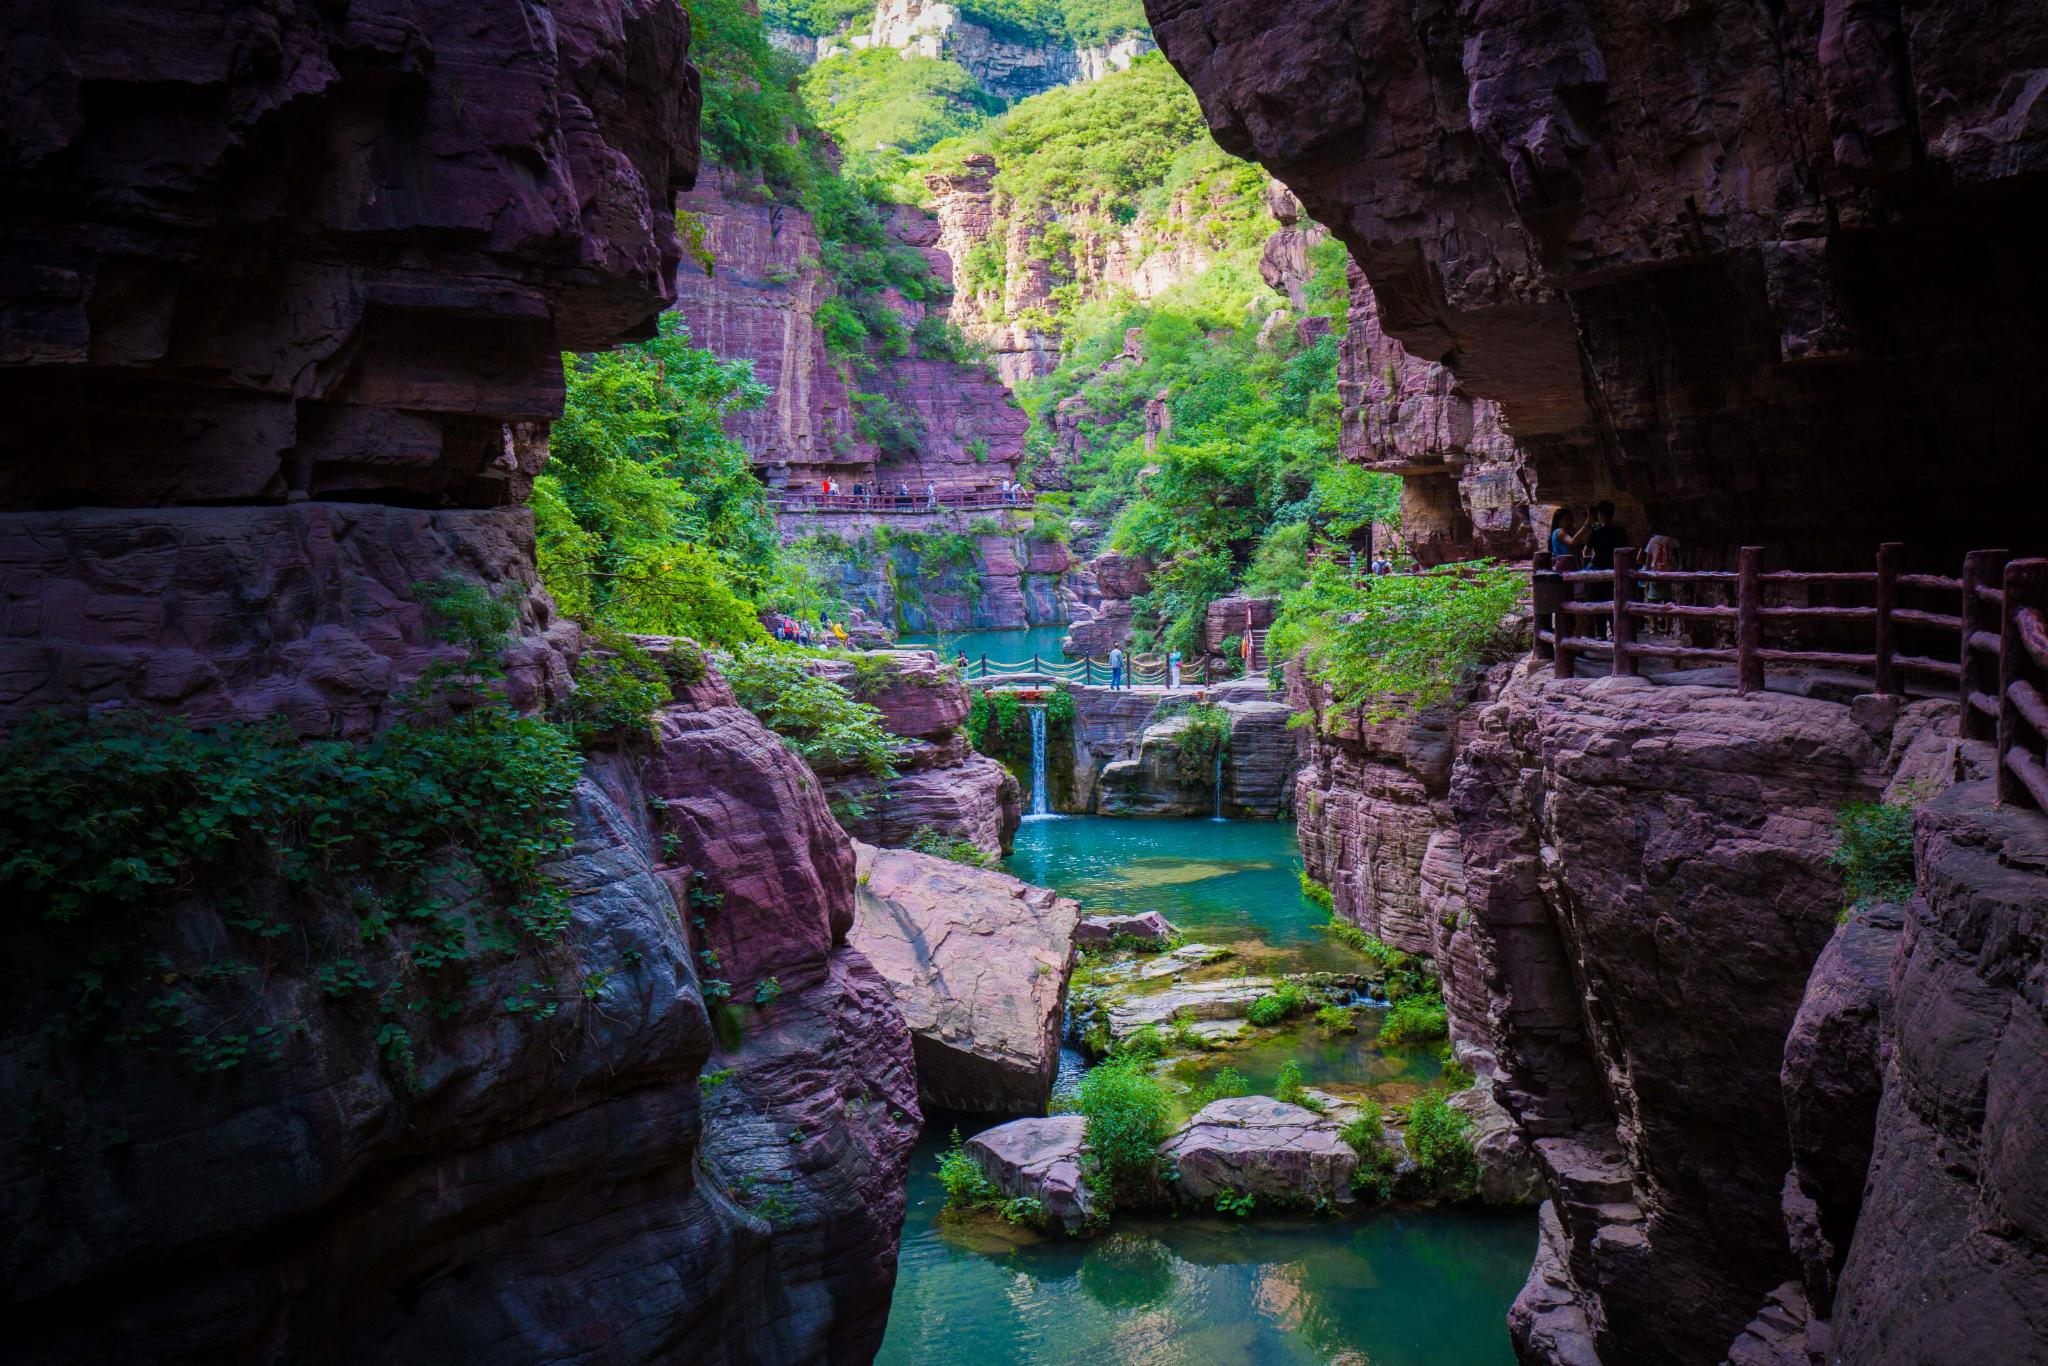 【河南焦作】游走在美食与美景之间,徜徉于饕餮与山水之内